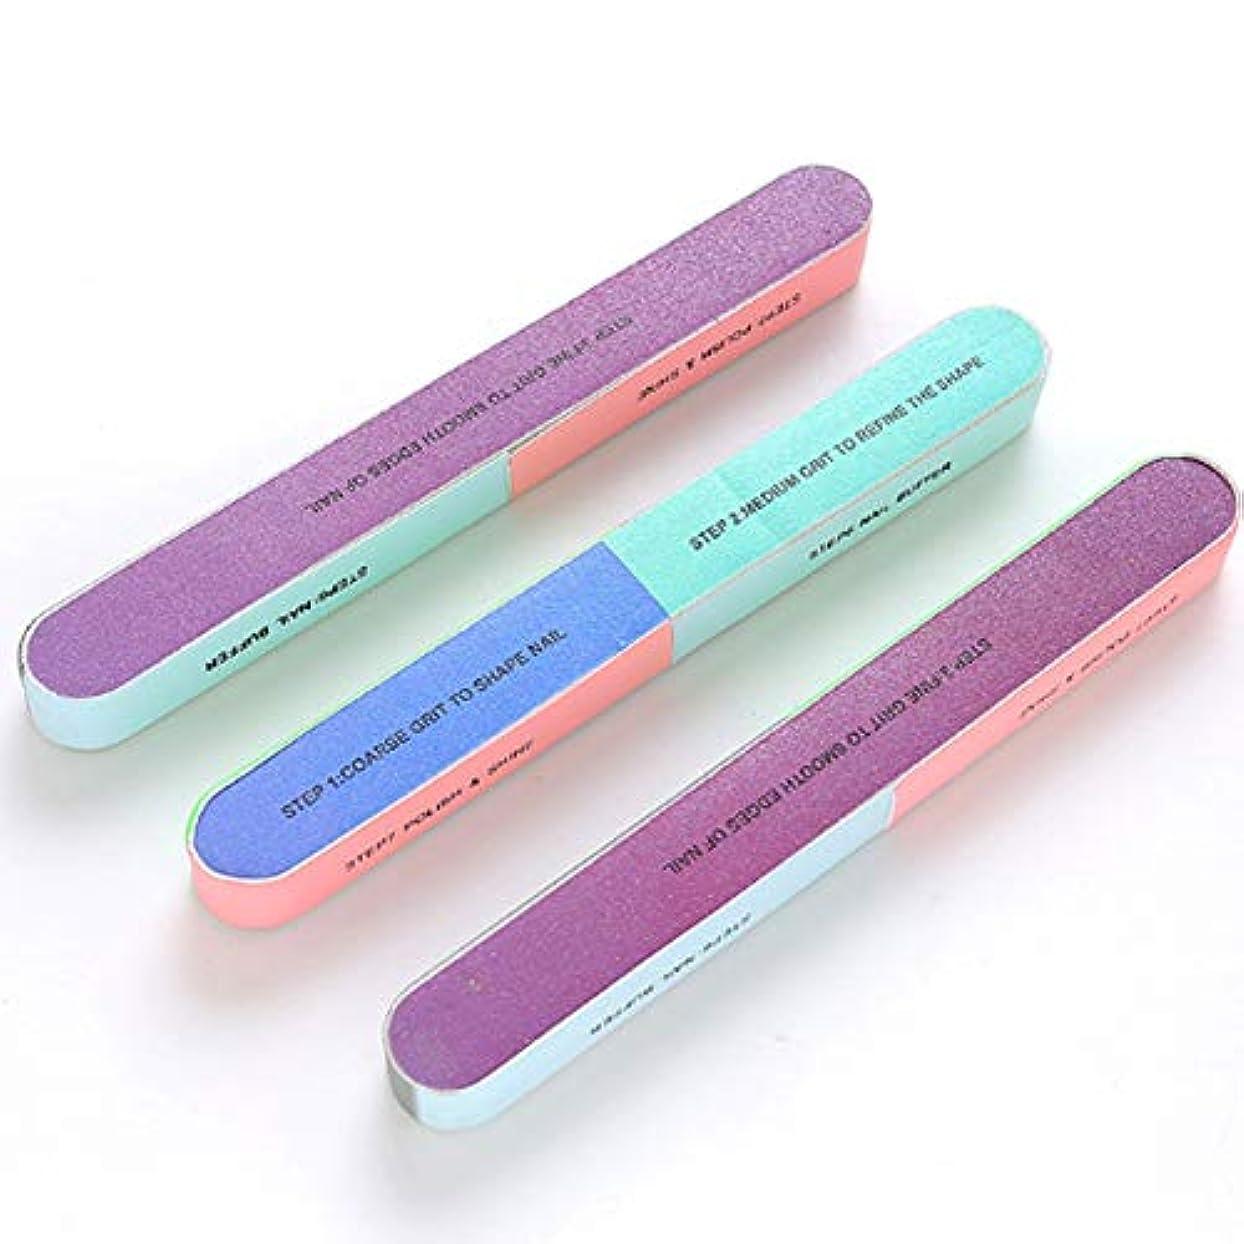 アーチグレードくまCalloy 爪やすり 爪磨き ネイルケア ネイルシャイナ― つめやすり つめみがき 男女兼用 3本入 カラーランダム (爪)